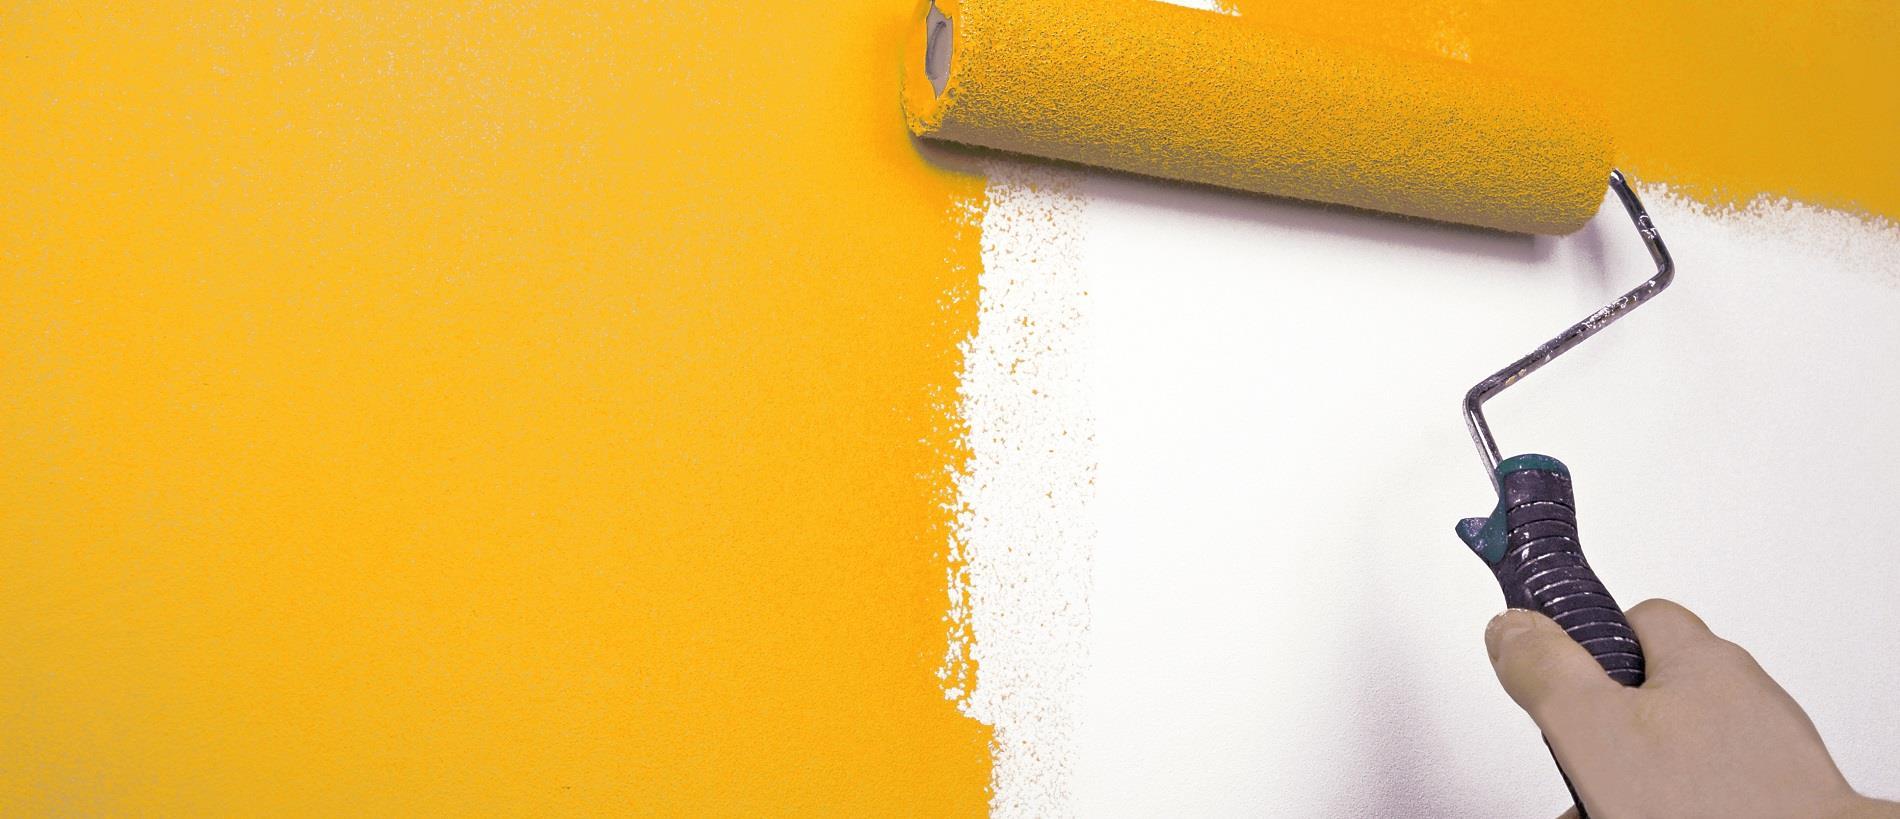 Duif is uw ervaren schildersbedrijf in haarlem - Schilderen muur trap ...